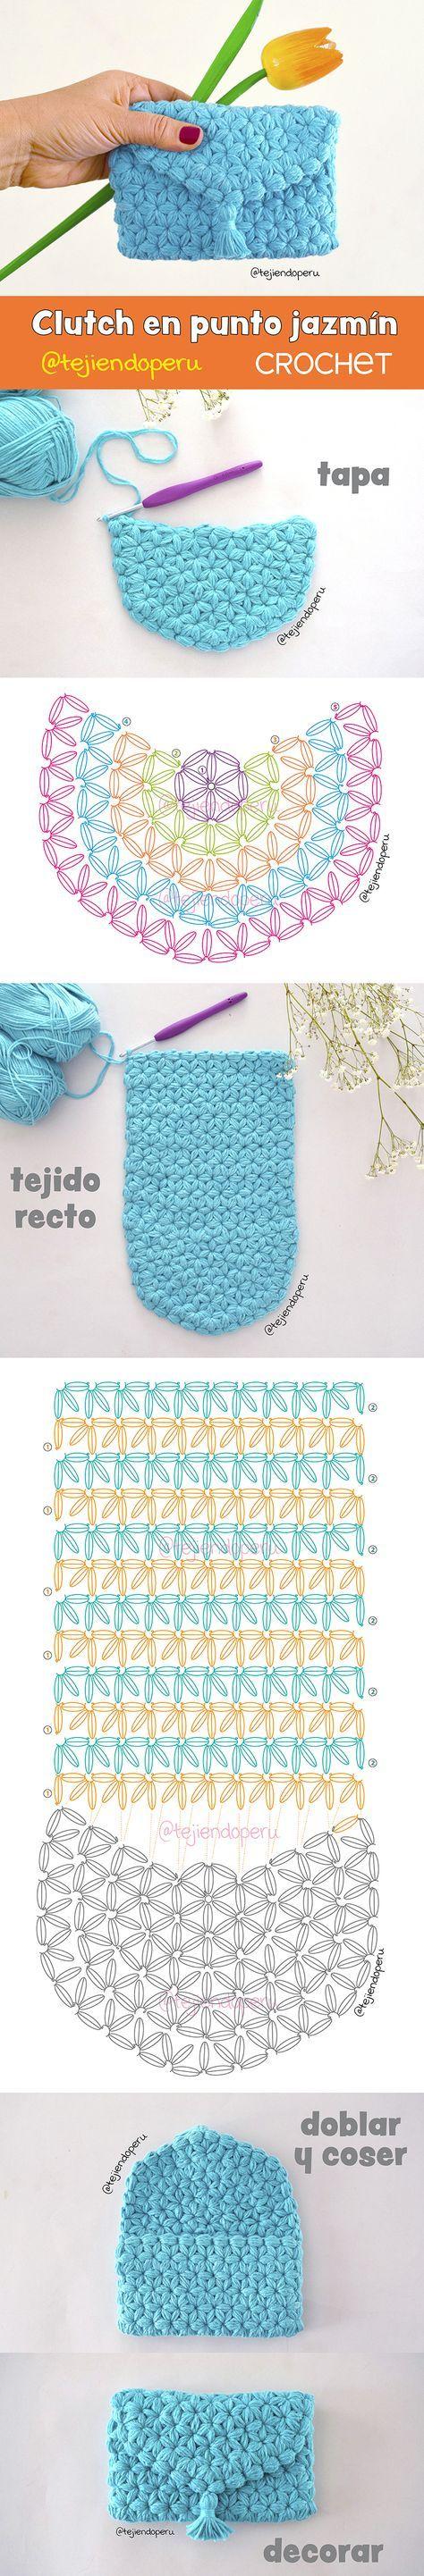 Clutch O Bolso Modelo Sobre Tejido A Crochet En Punto Jazmín Paso A Paso Incluye Video Di Bolsos De Ganchillo Tejidos A Crochet Monederos Tejidos A Crochet